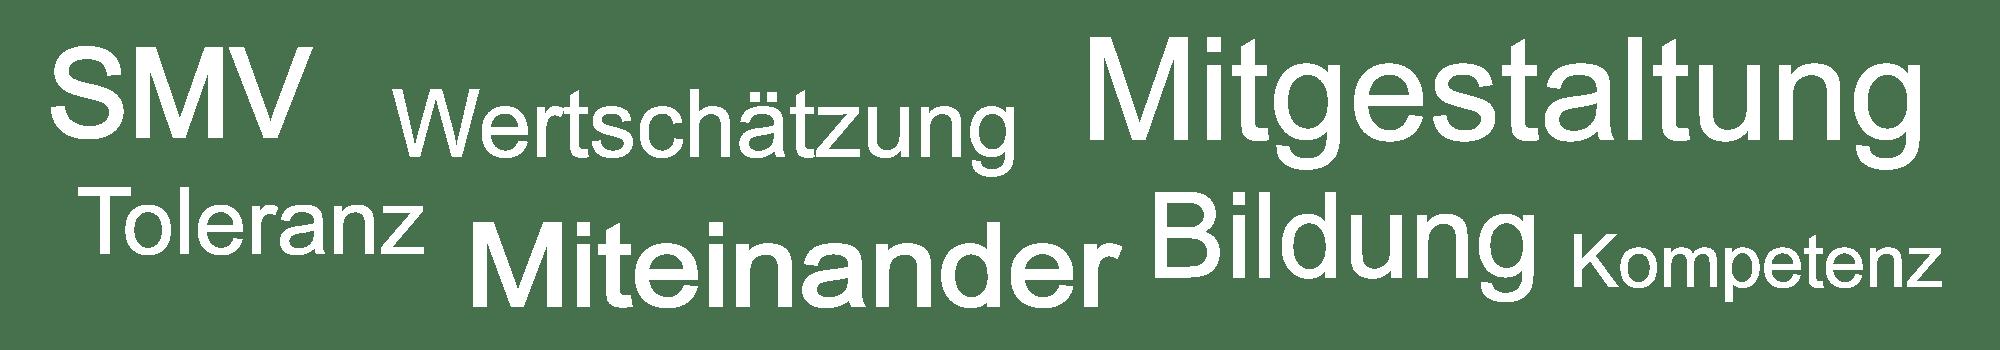 Leitwörter des Gymnasium Aulendorf - SMV – Wertschätzung – Mitgestaltung – Toleranz – Miteinander – Bildung – Kompetenz